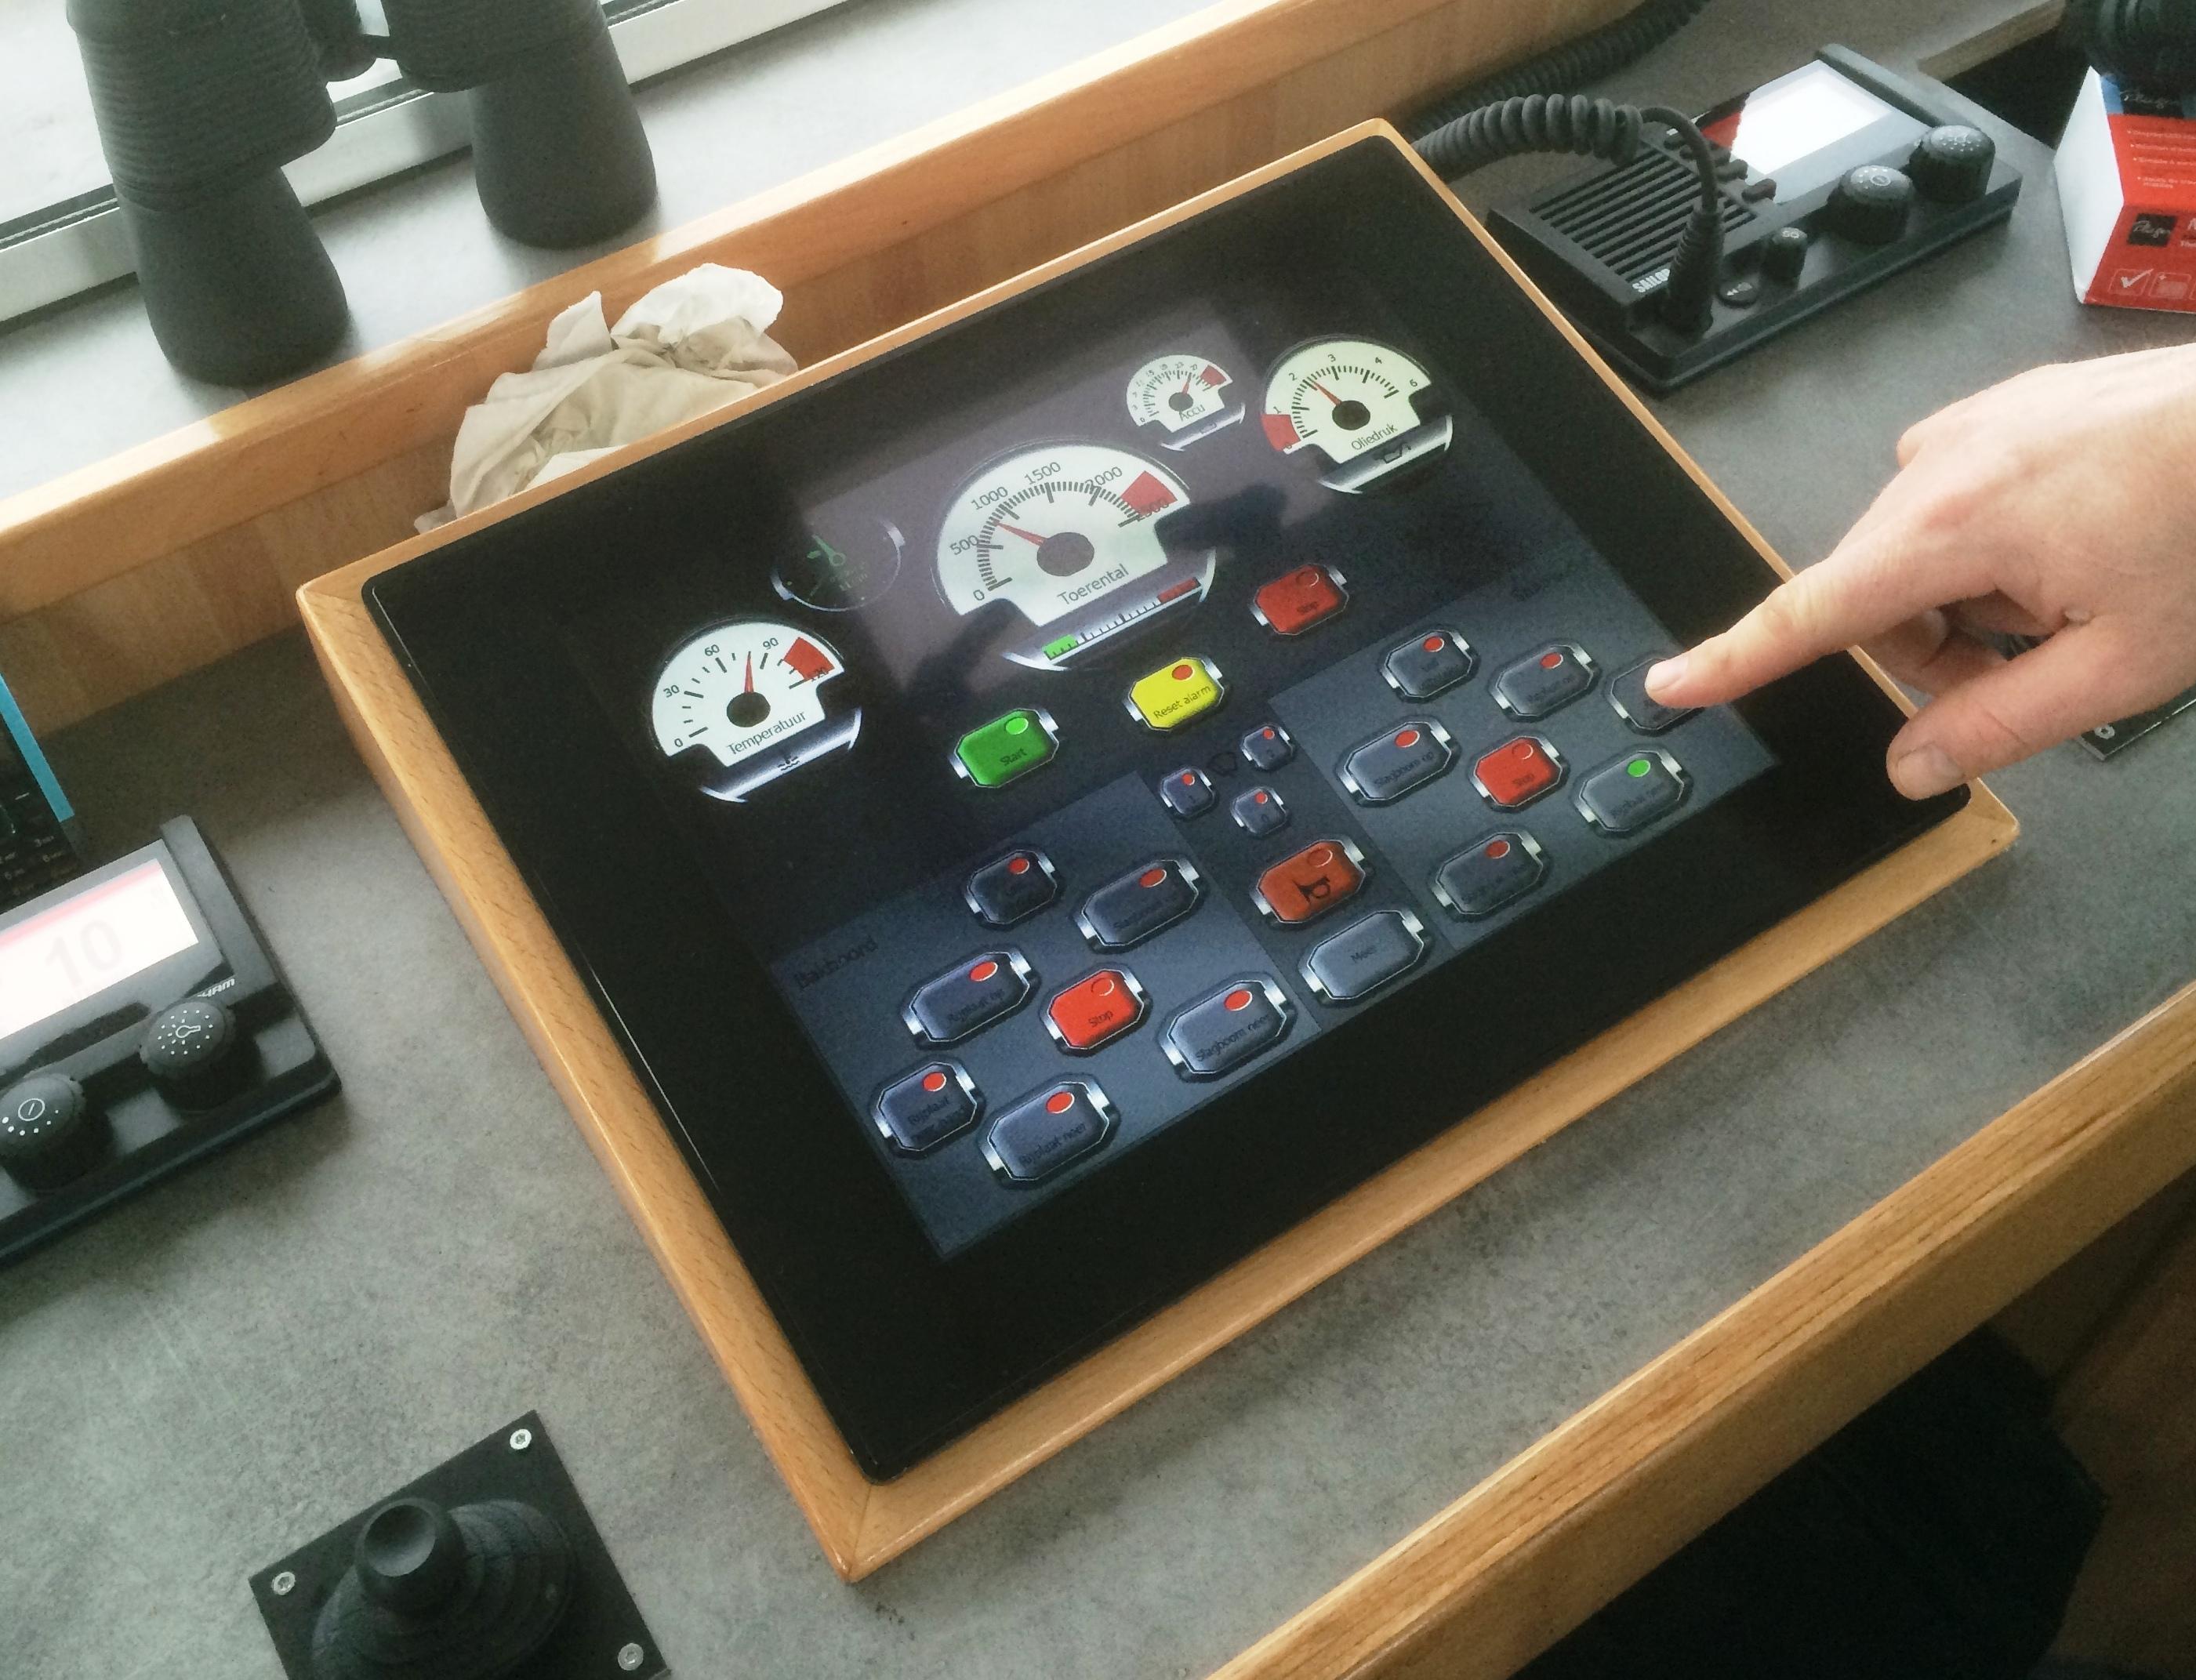 Vanuit de stuurhut is alles te bedienen via één overzichtelijk touchscreen.